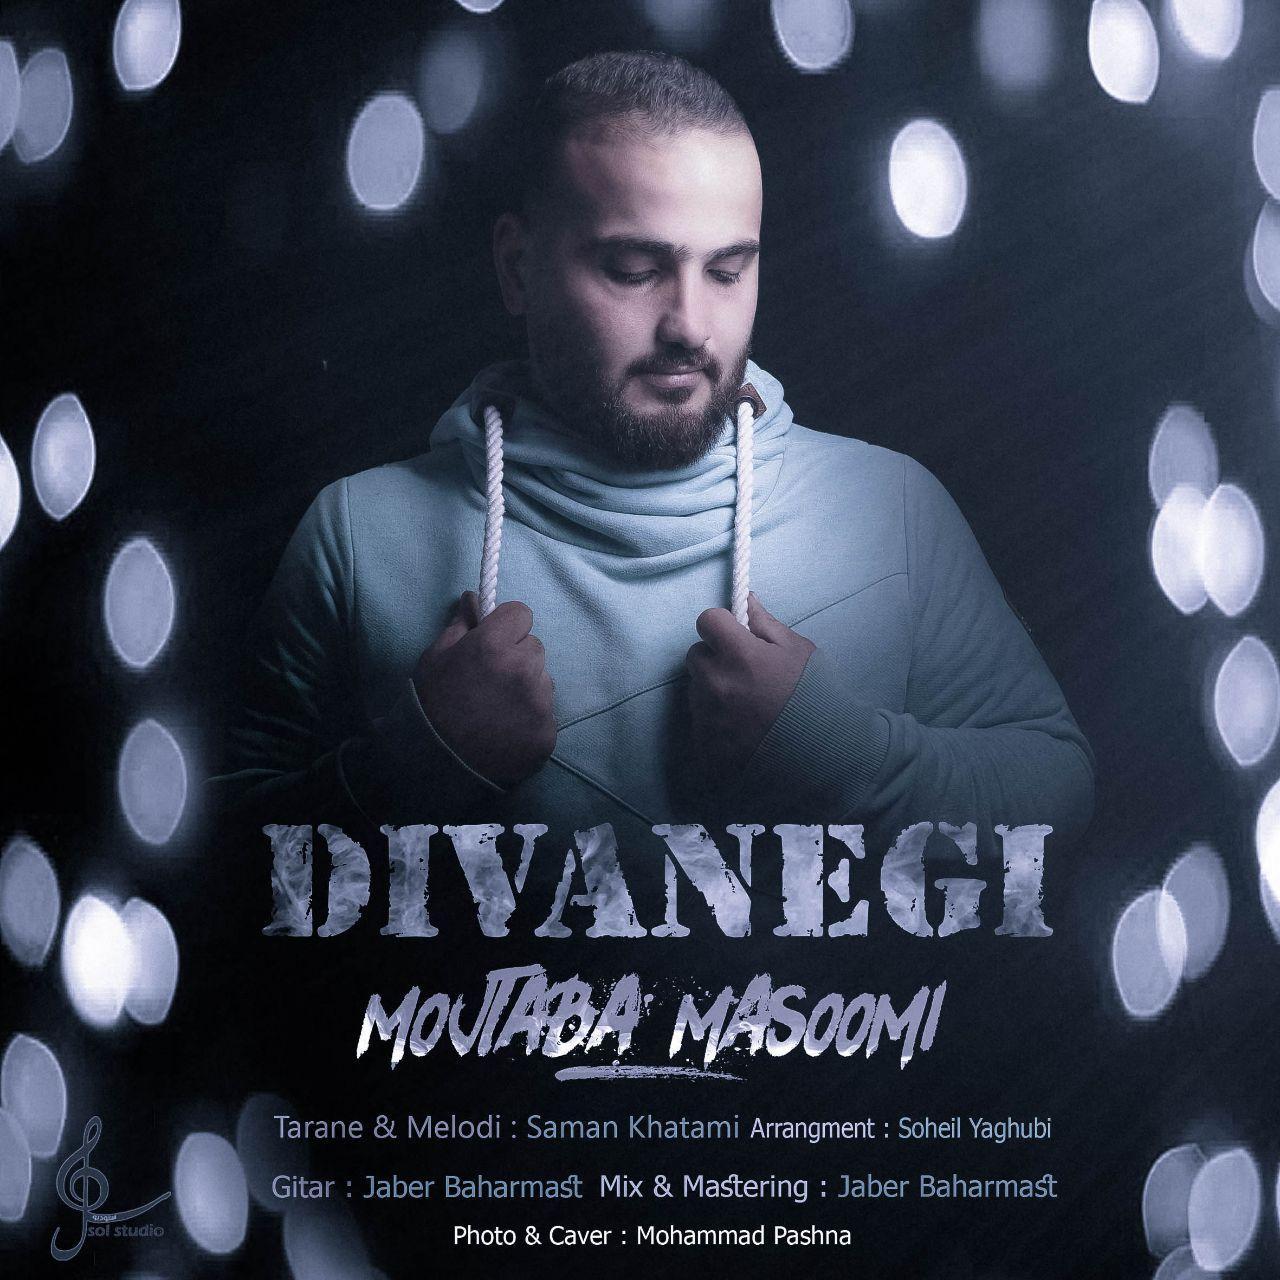 Mojtaba Masoomi – Divanegi